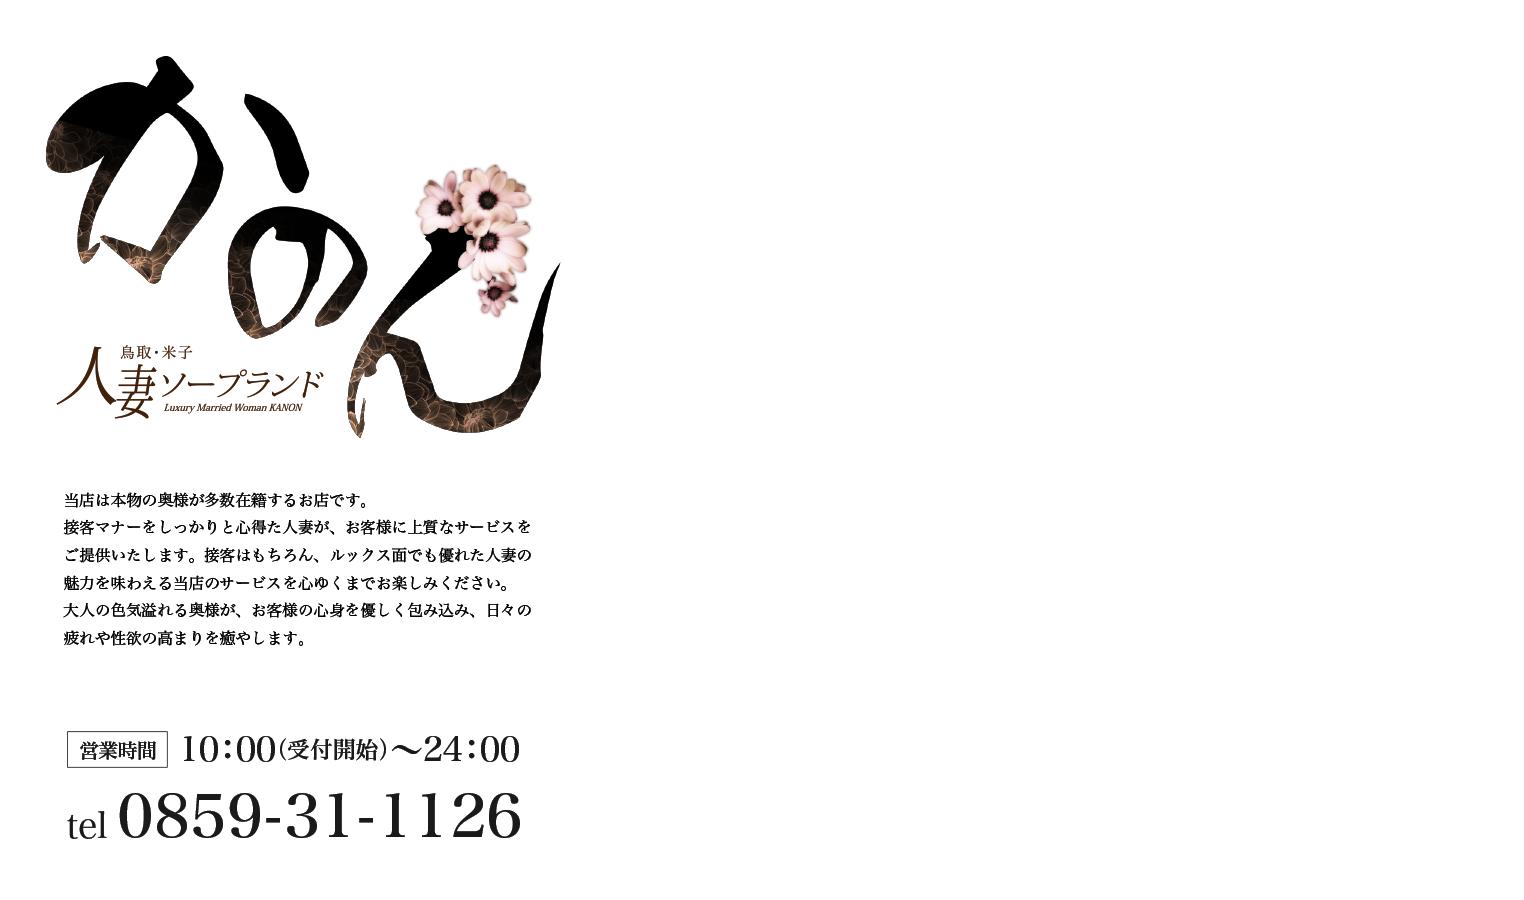 鳥取県米子市皆生温泉のソープランドかのん-KANON- ヘッダーイメージオーバーレイ画像